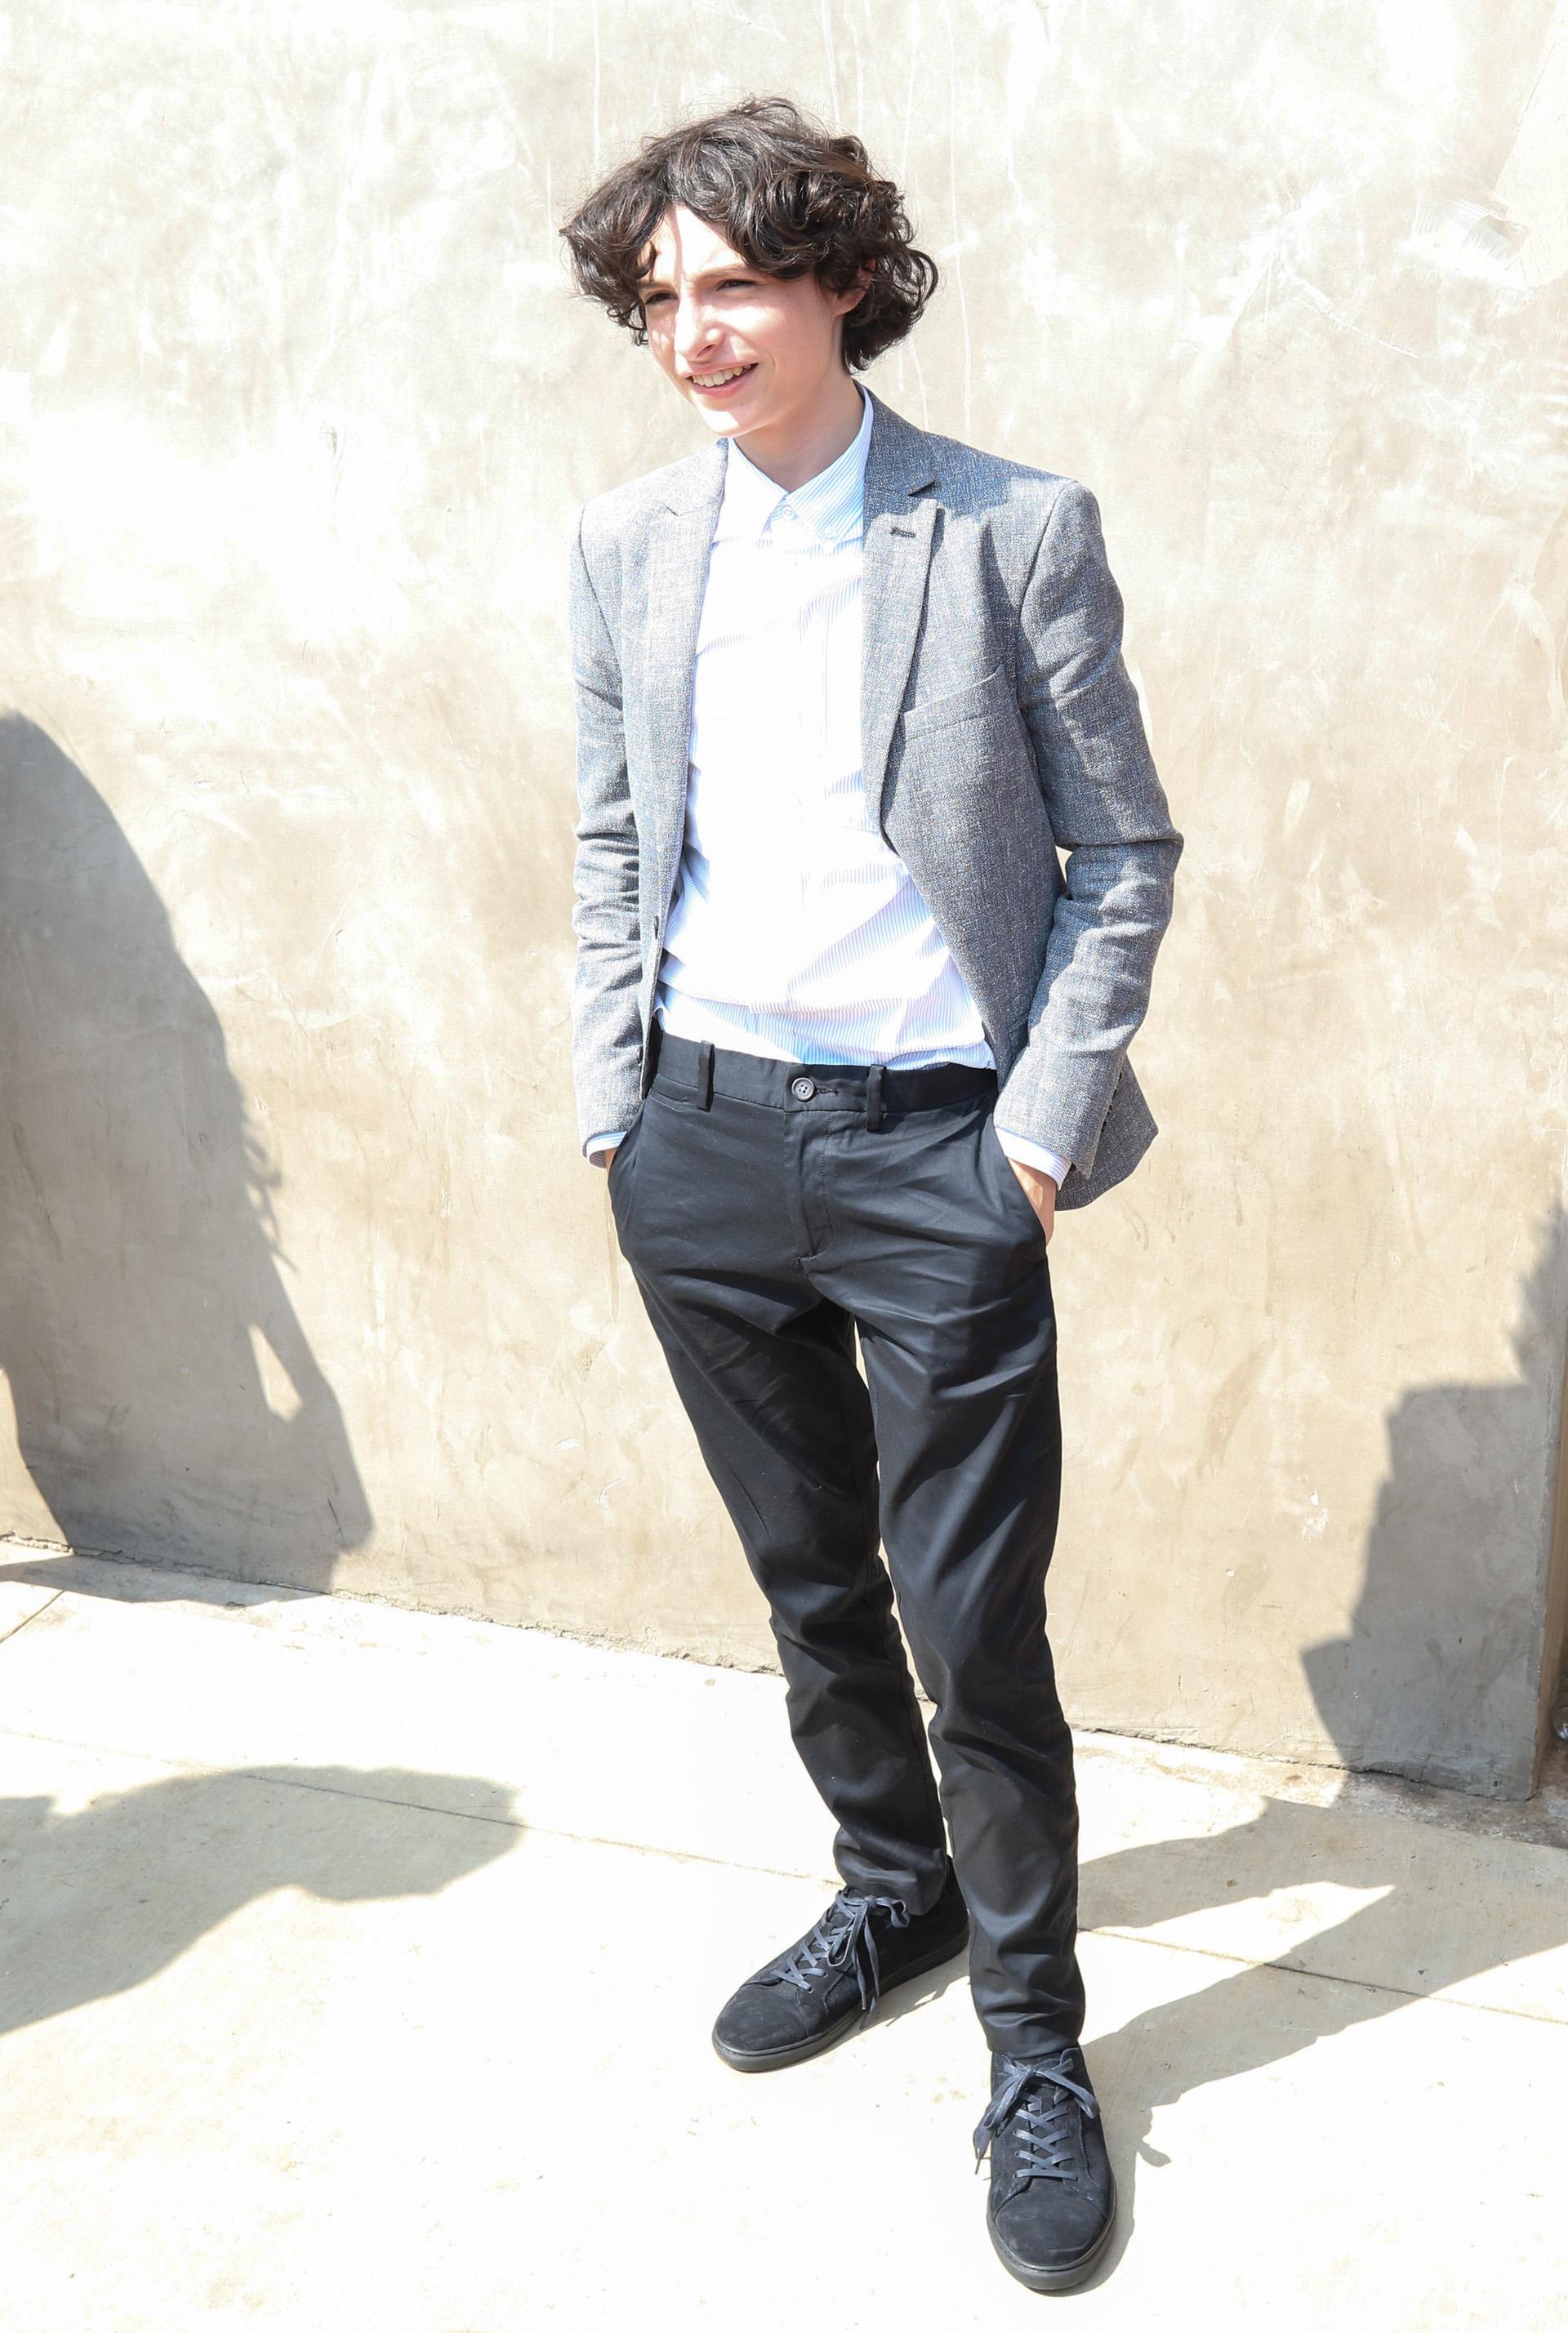 Finn Wolfhardn fue elegido para ser la tapa de i-D, una de las revistas de moda más icónicas. Su estilo refinado cautivó a la industria